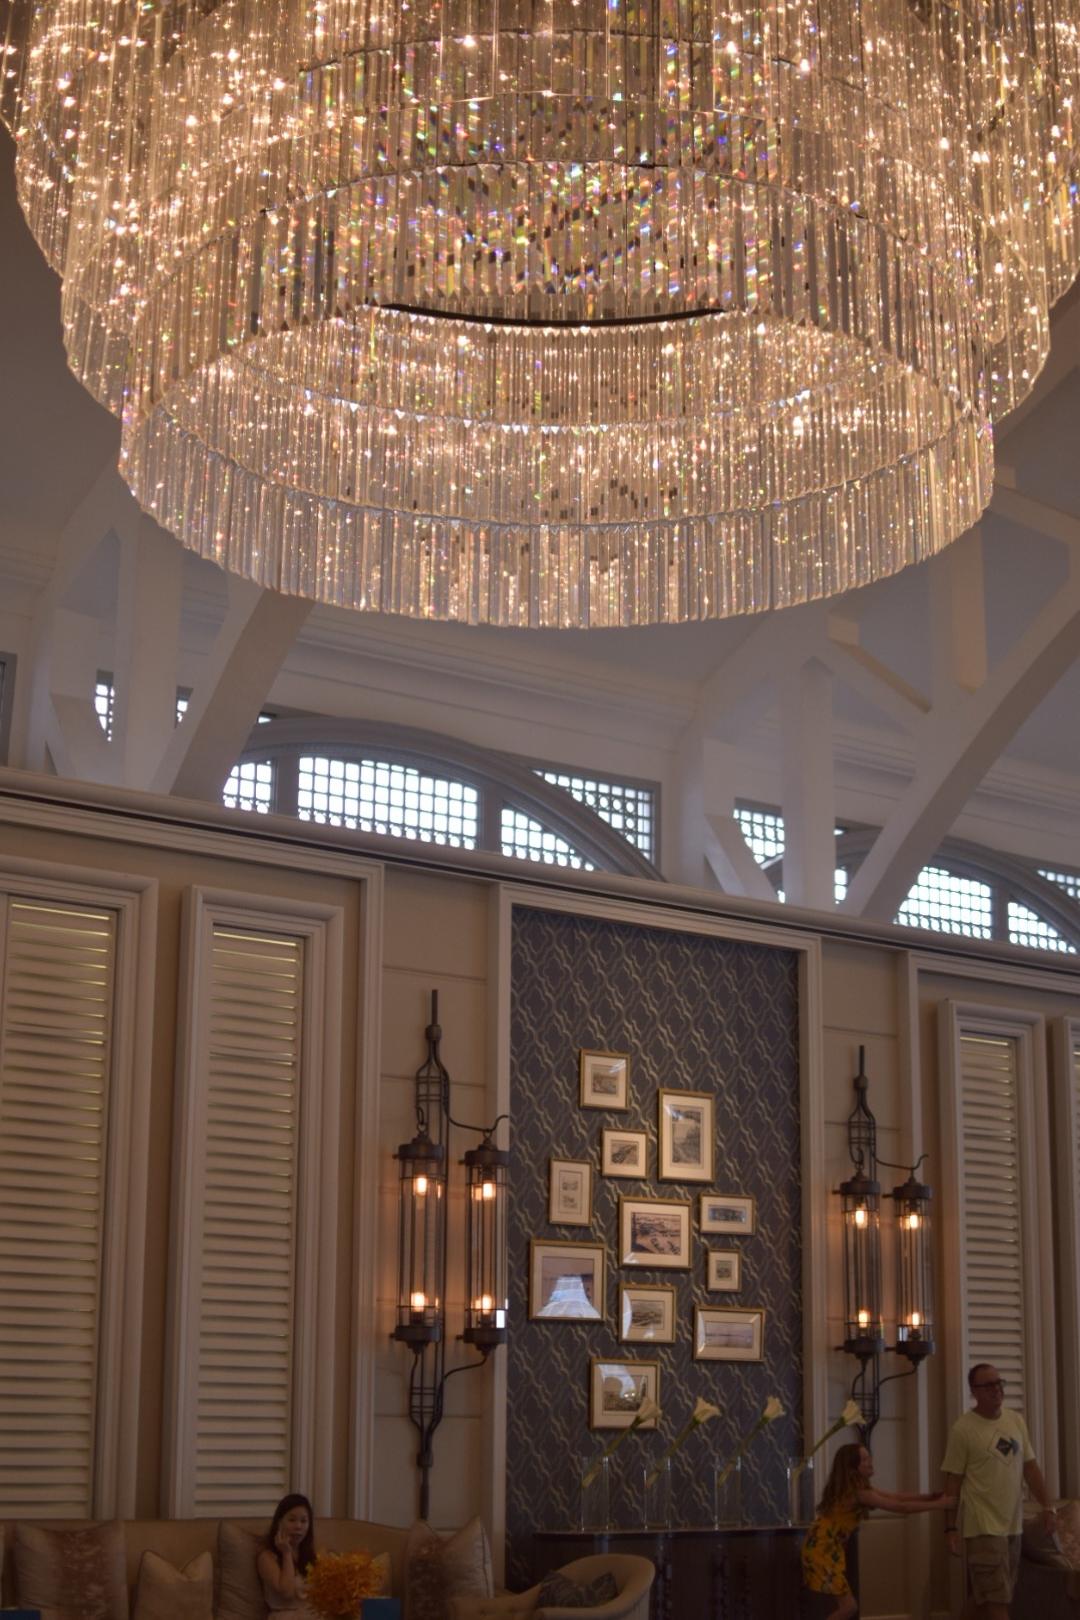 【シンガポール】マリーナベイを眺めながらアフタヌーンティーが楽しめる「フラトンベイホテル The Landing Point」_4